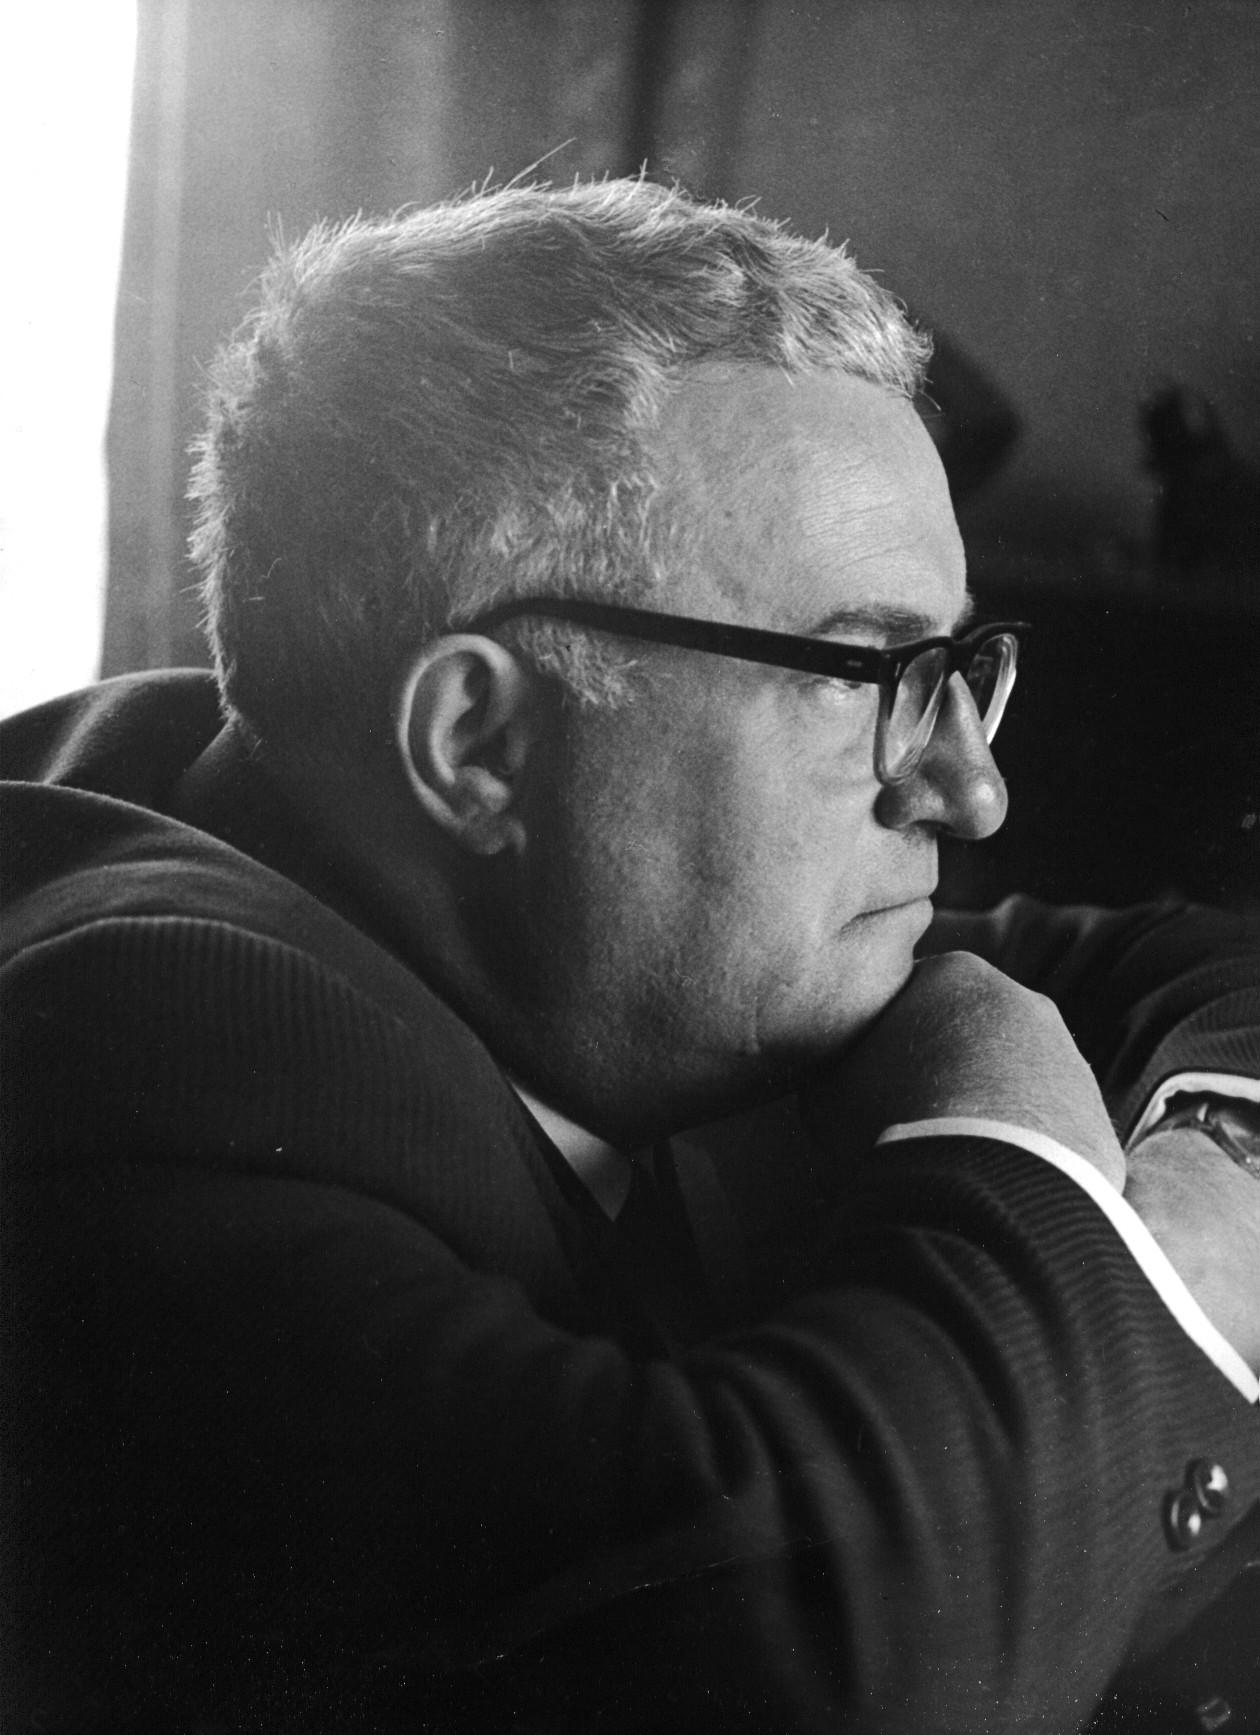 Георгий Васильевич Свиридов (1915-1998), русский композитор